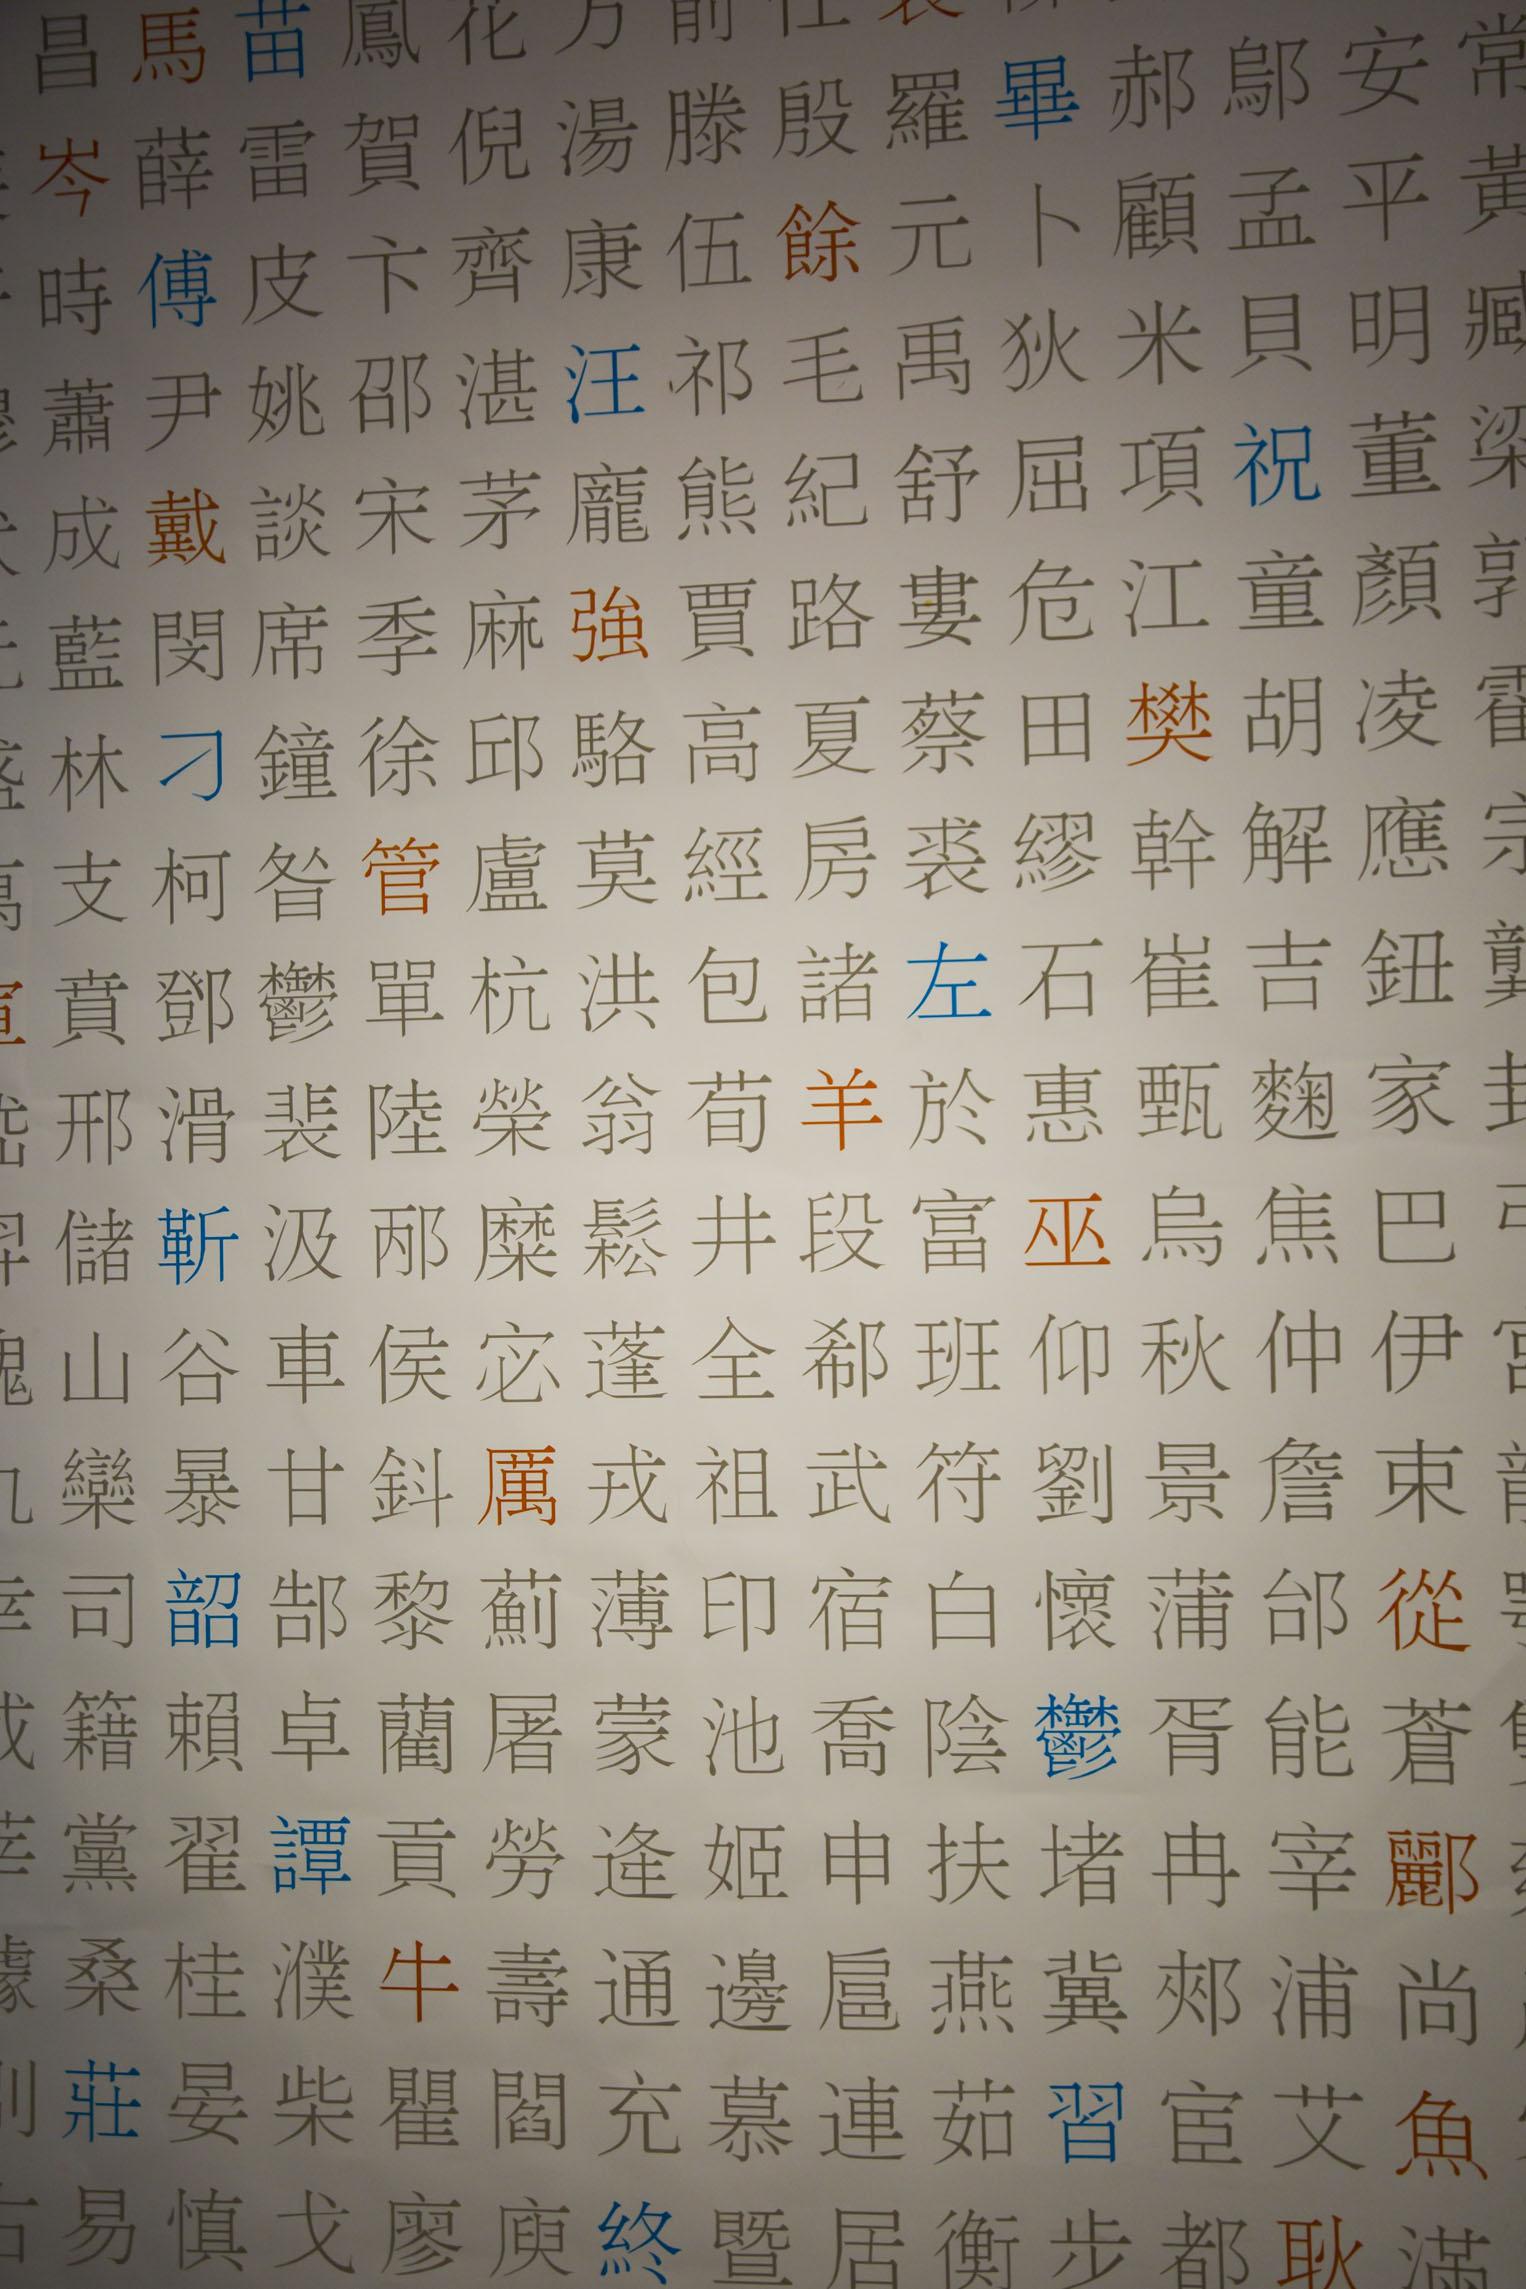 中国血统最低贱的姓氏中国最聪明的13个姓氏